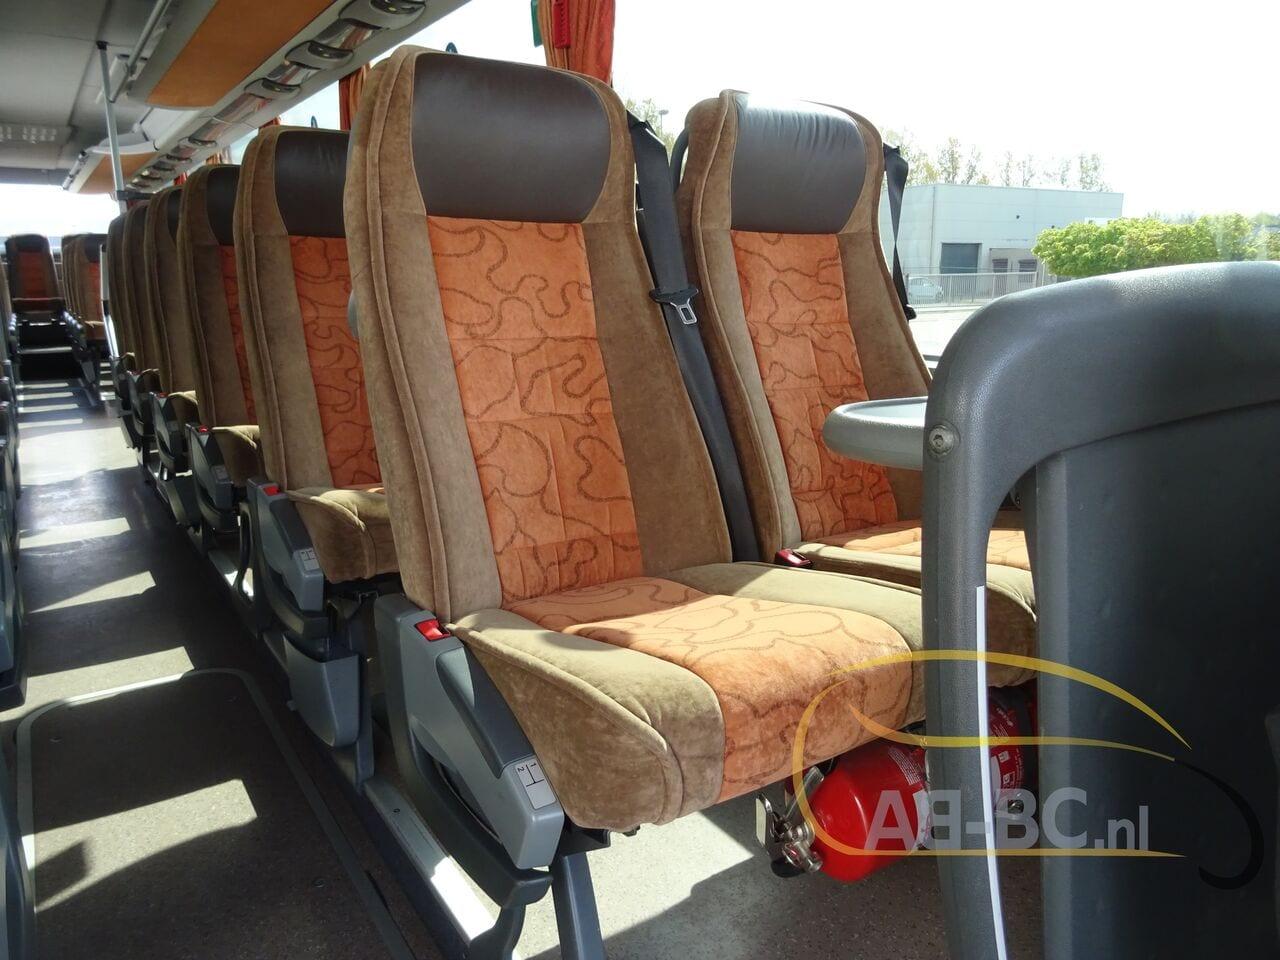 coach-busSETRA-S416H-48-SEATS-LIFTBUS---1620309848711623766_big_0a265187f949b37f6f524f892de6febe--21050616581387095000